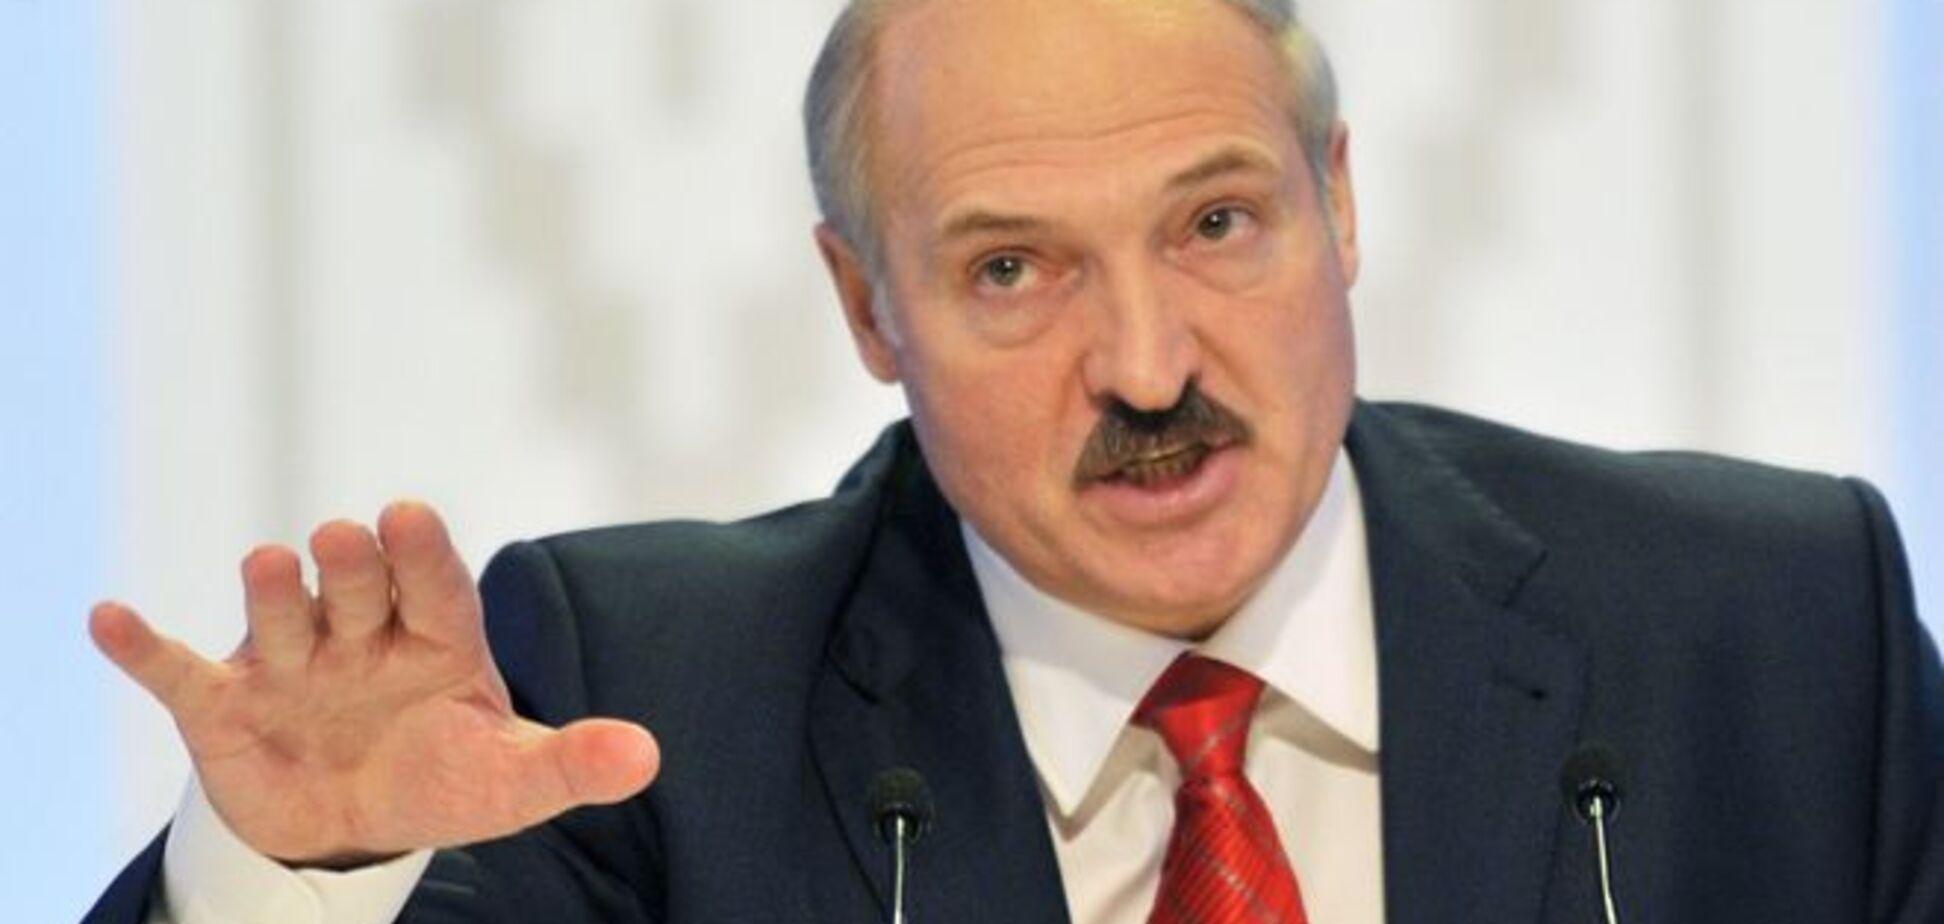 І хто ж переможе в Білорусі? Лукашенко подав документи на вибори президента